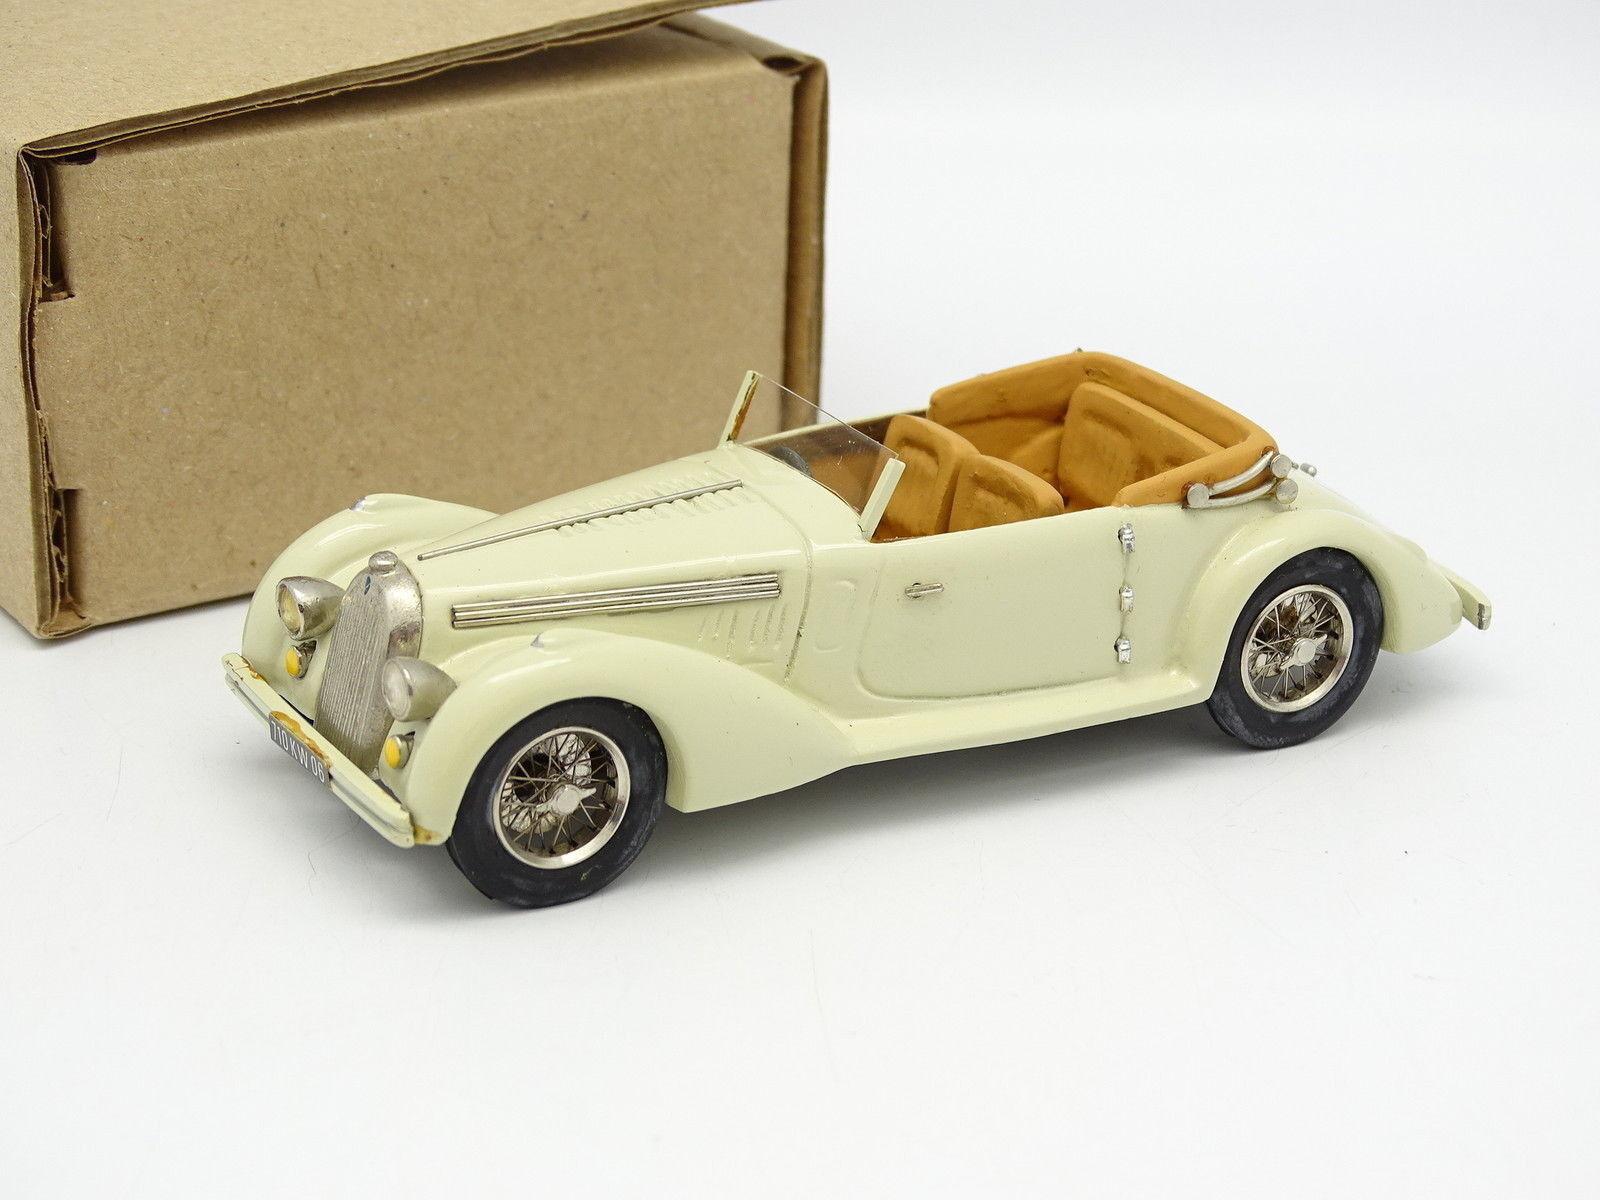 Ma Collection Brianza Résine 1 43 - Talbot Lago Record 1935 Crème